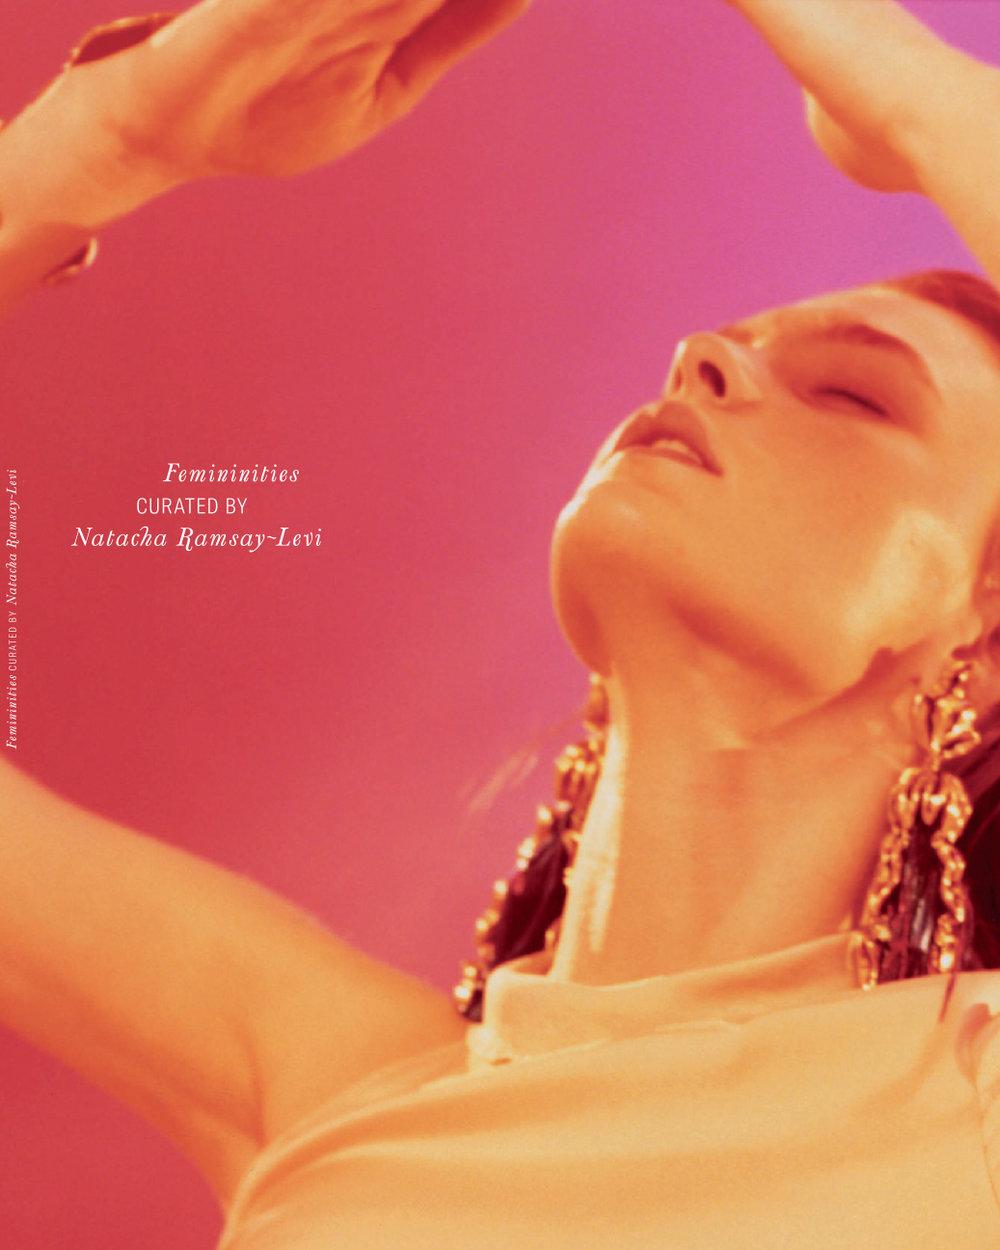 Baise Moi Explicit femininities curatednatacha ramsay-levi 2019 — ligia dias